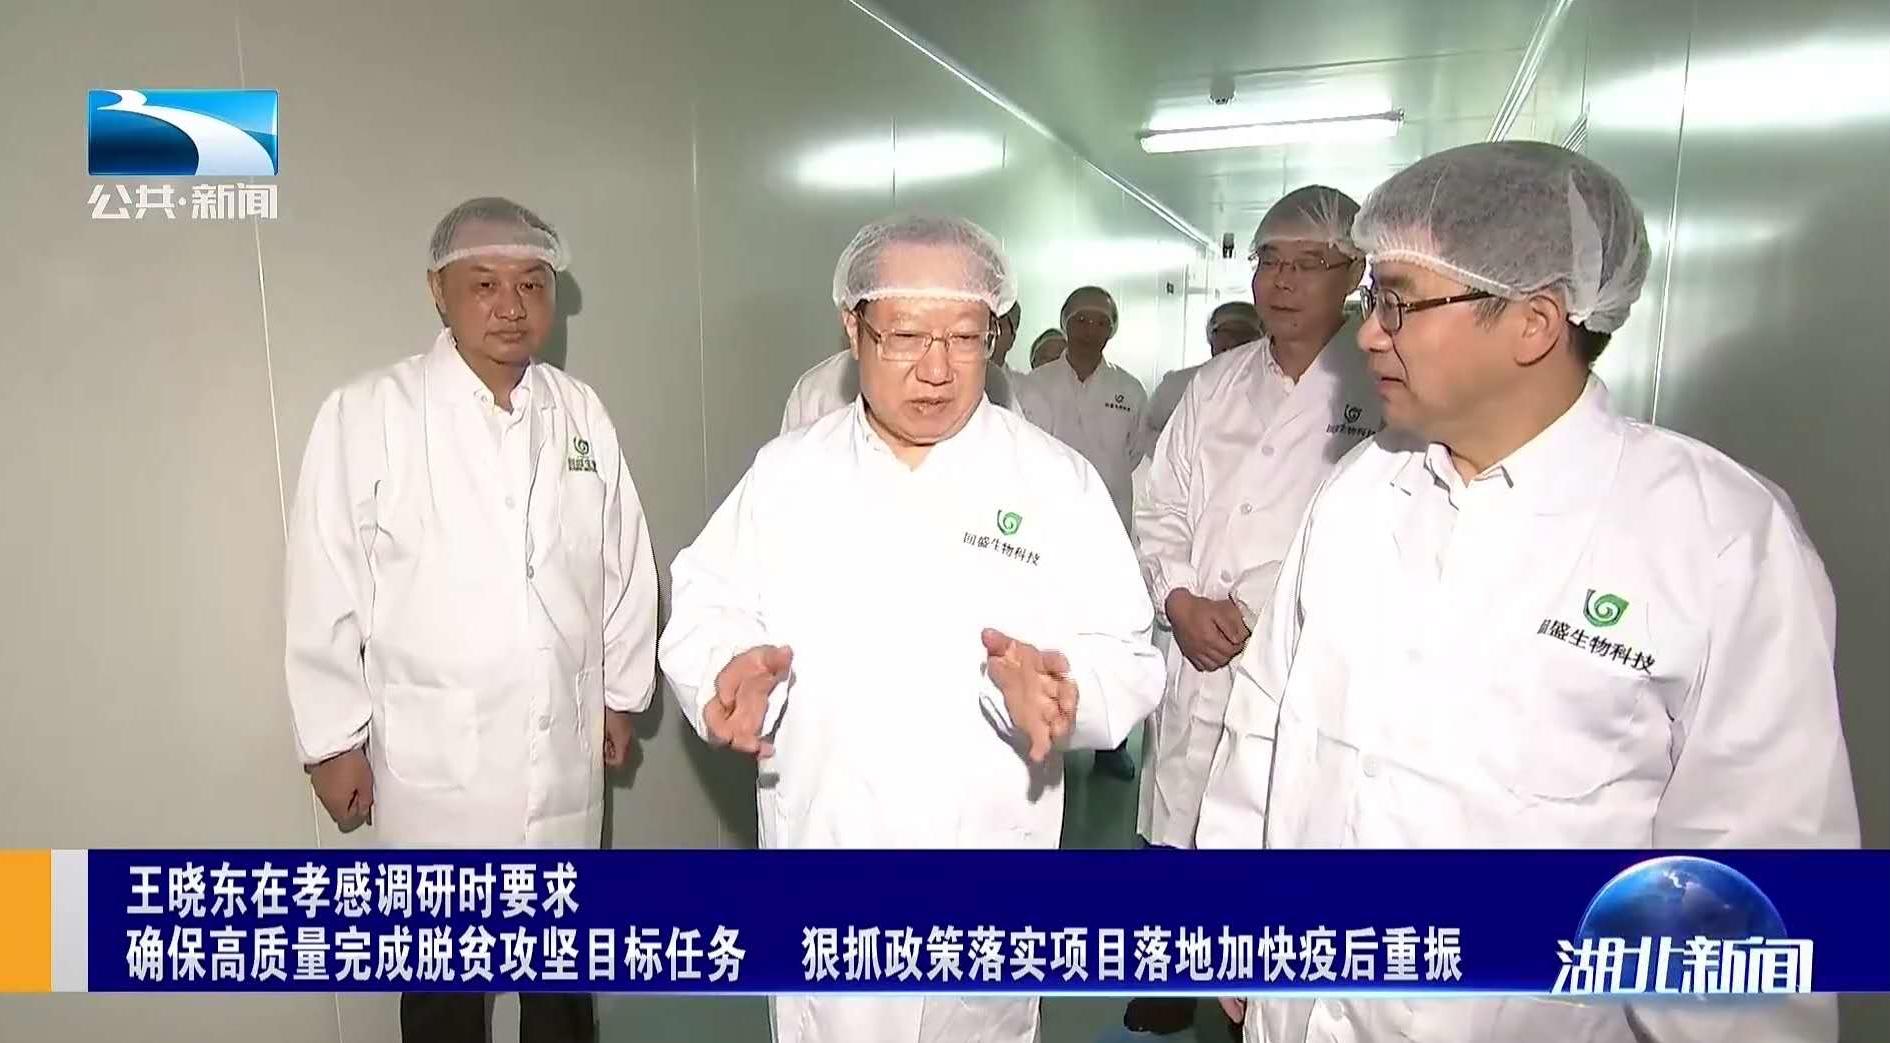 省委副书记、省长王晓东莅临澳门皇冠娱乐网站调研